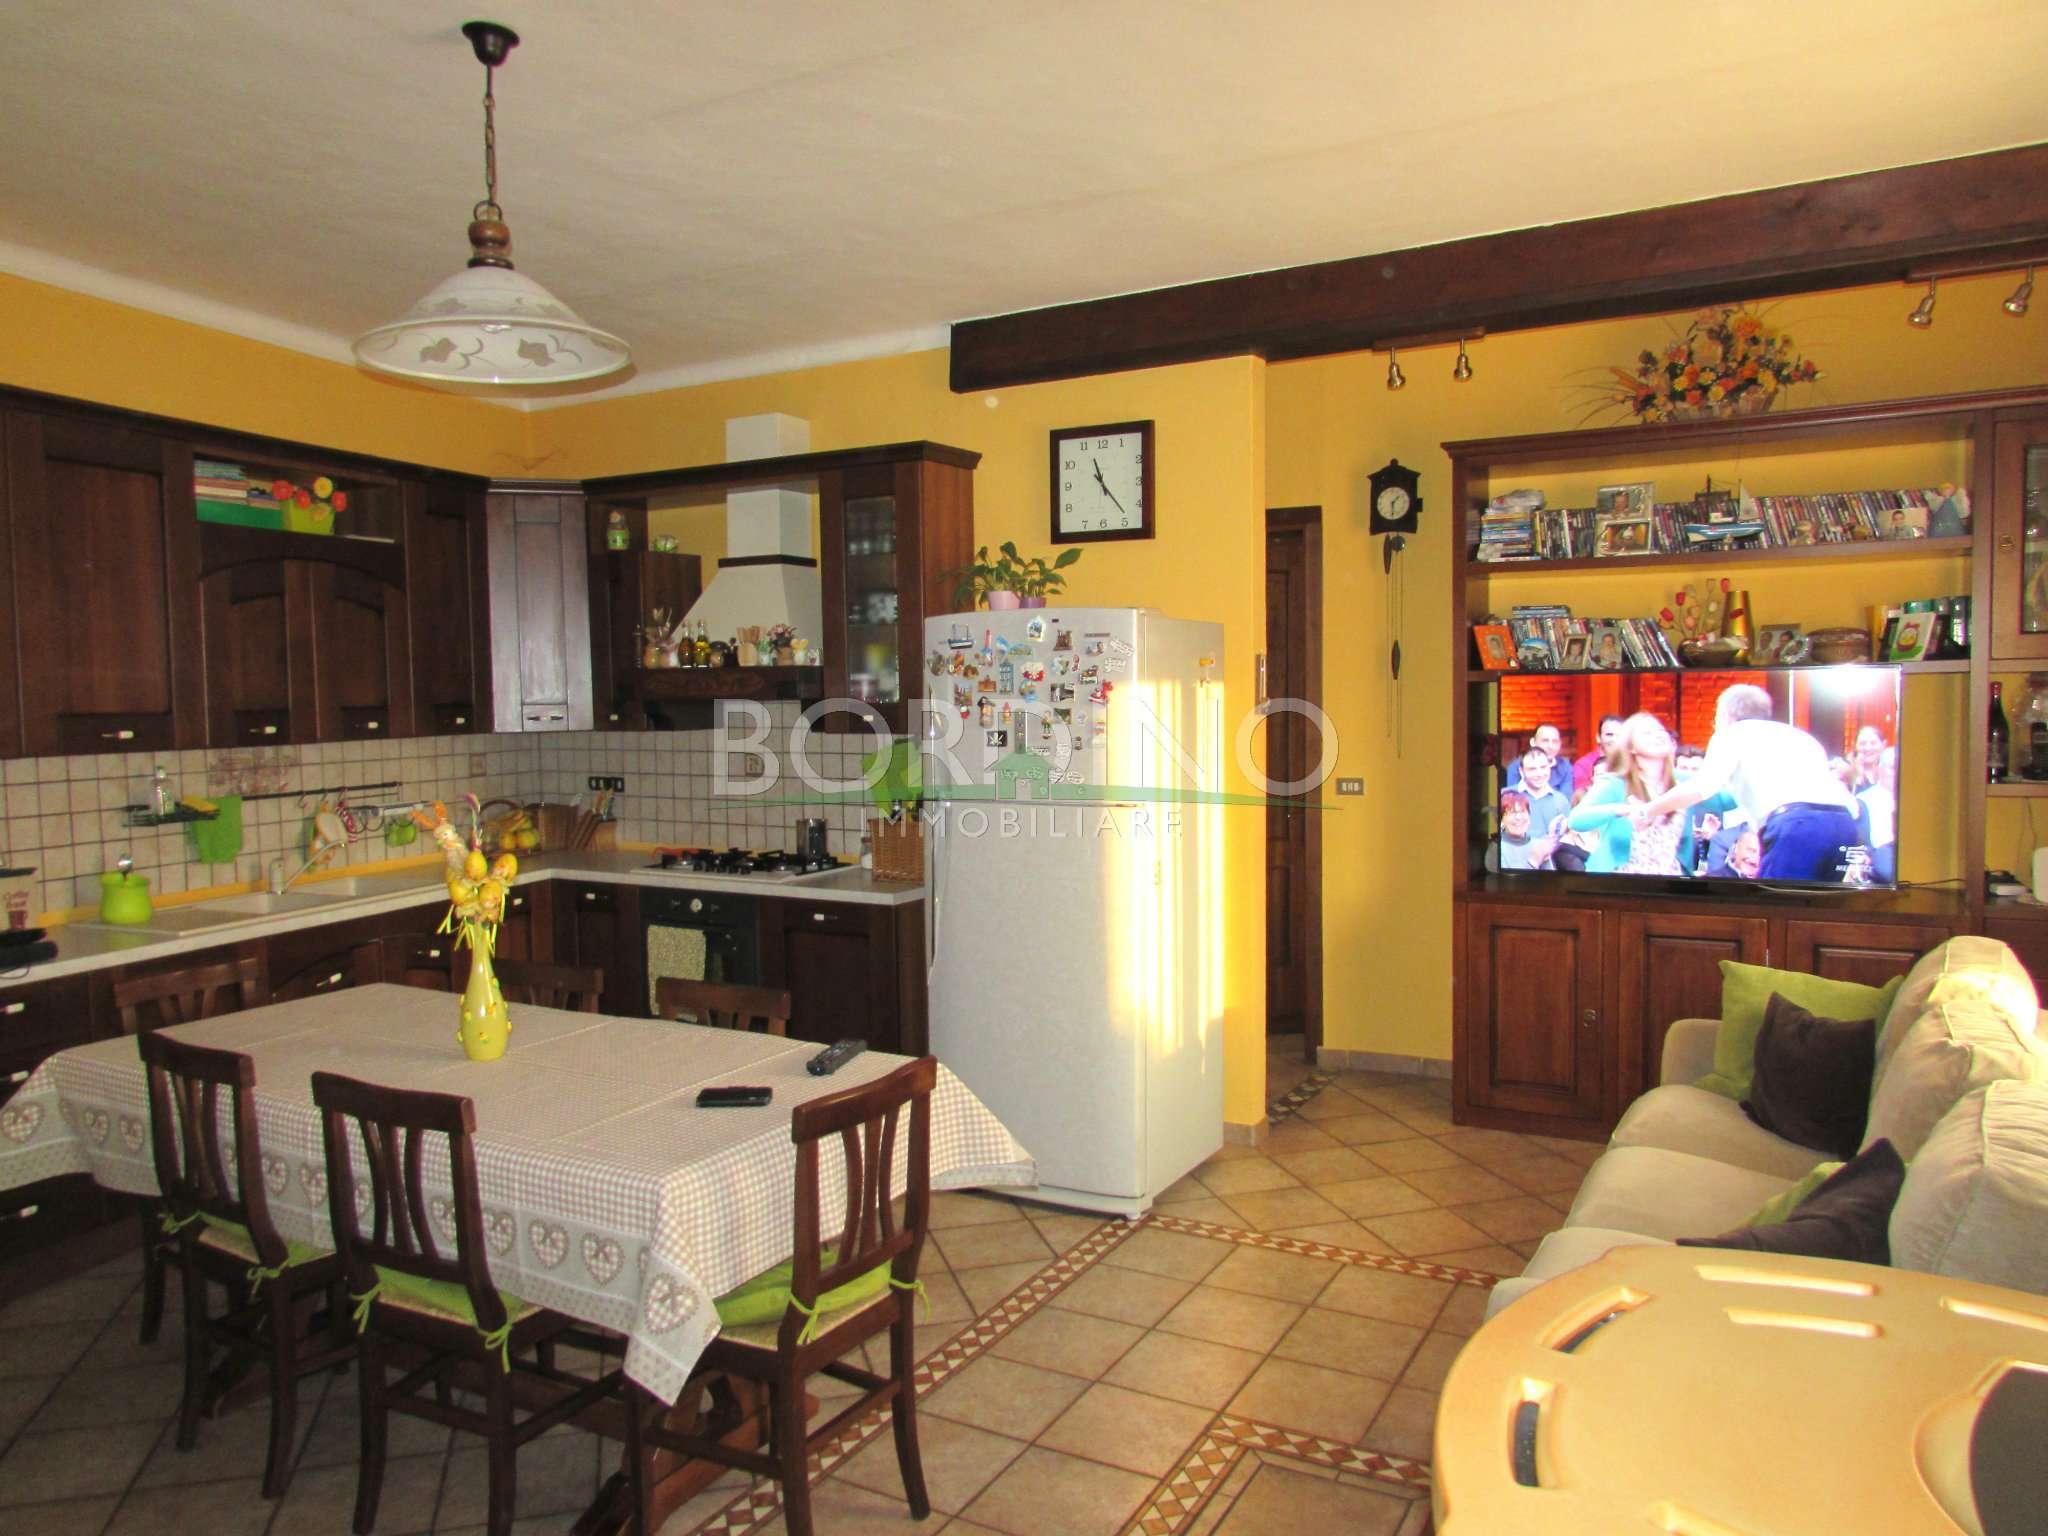 Soluzione Indipendente in vendita a Priocca, 6 locali, prezzo € 125.000 | CambioCasa.it